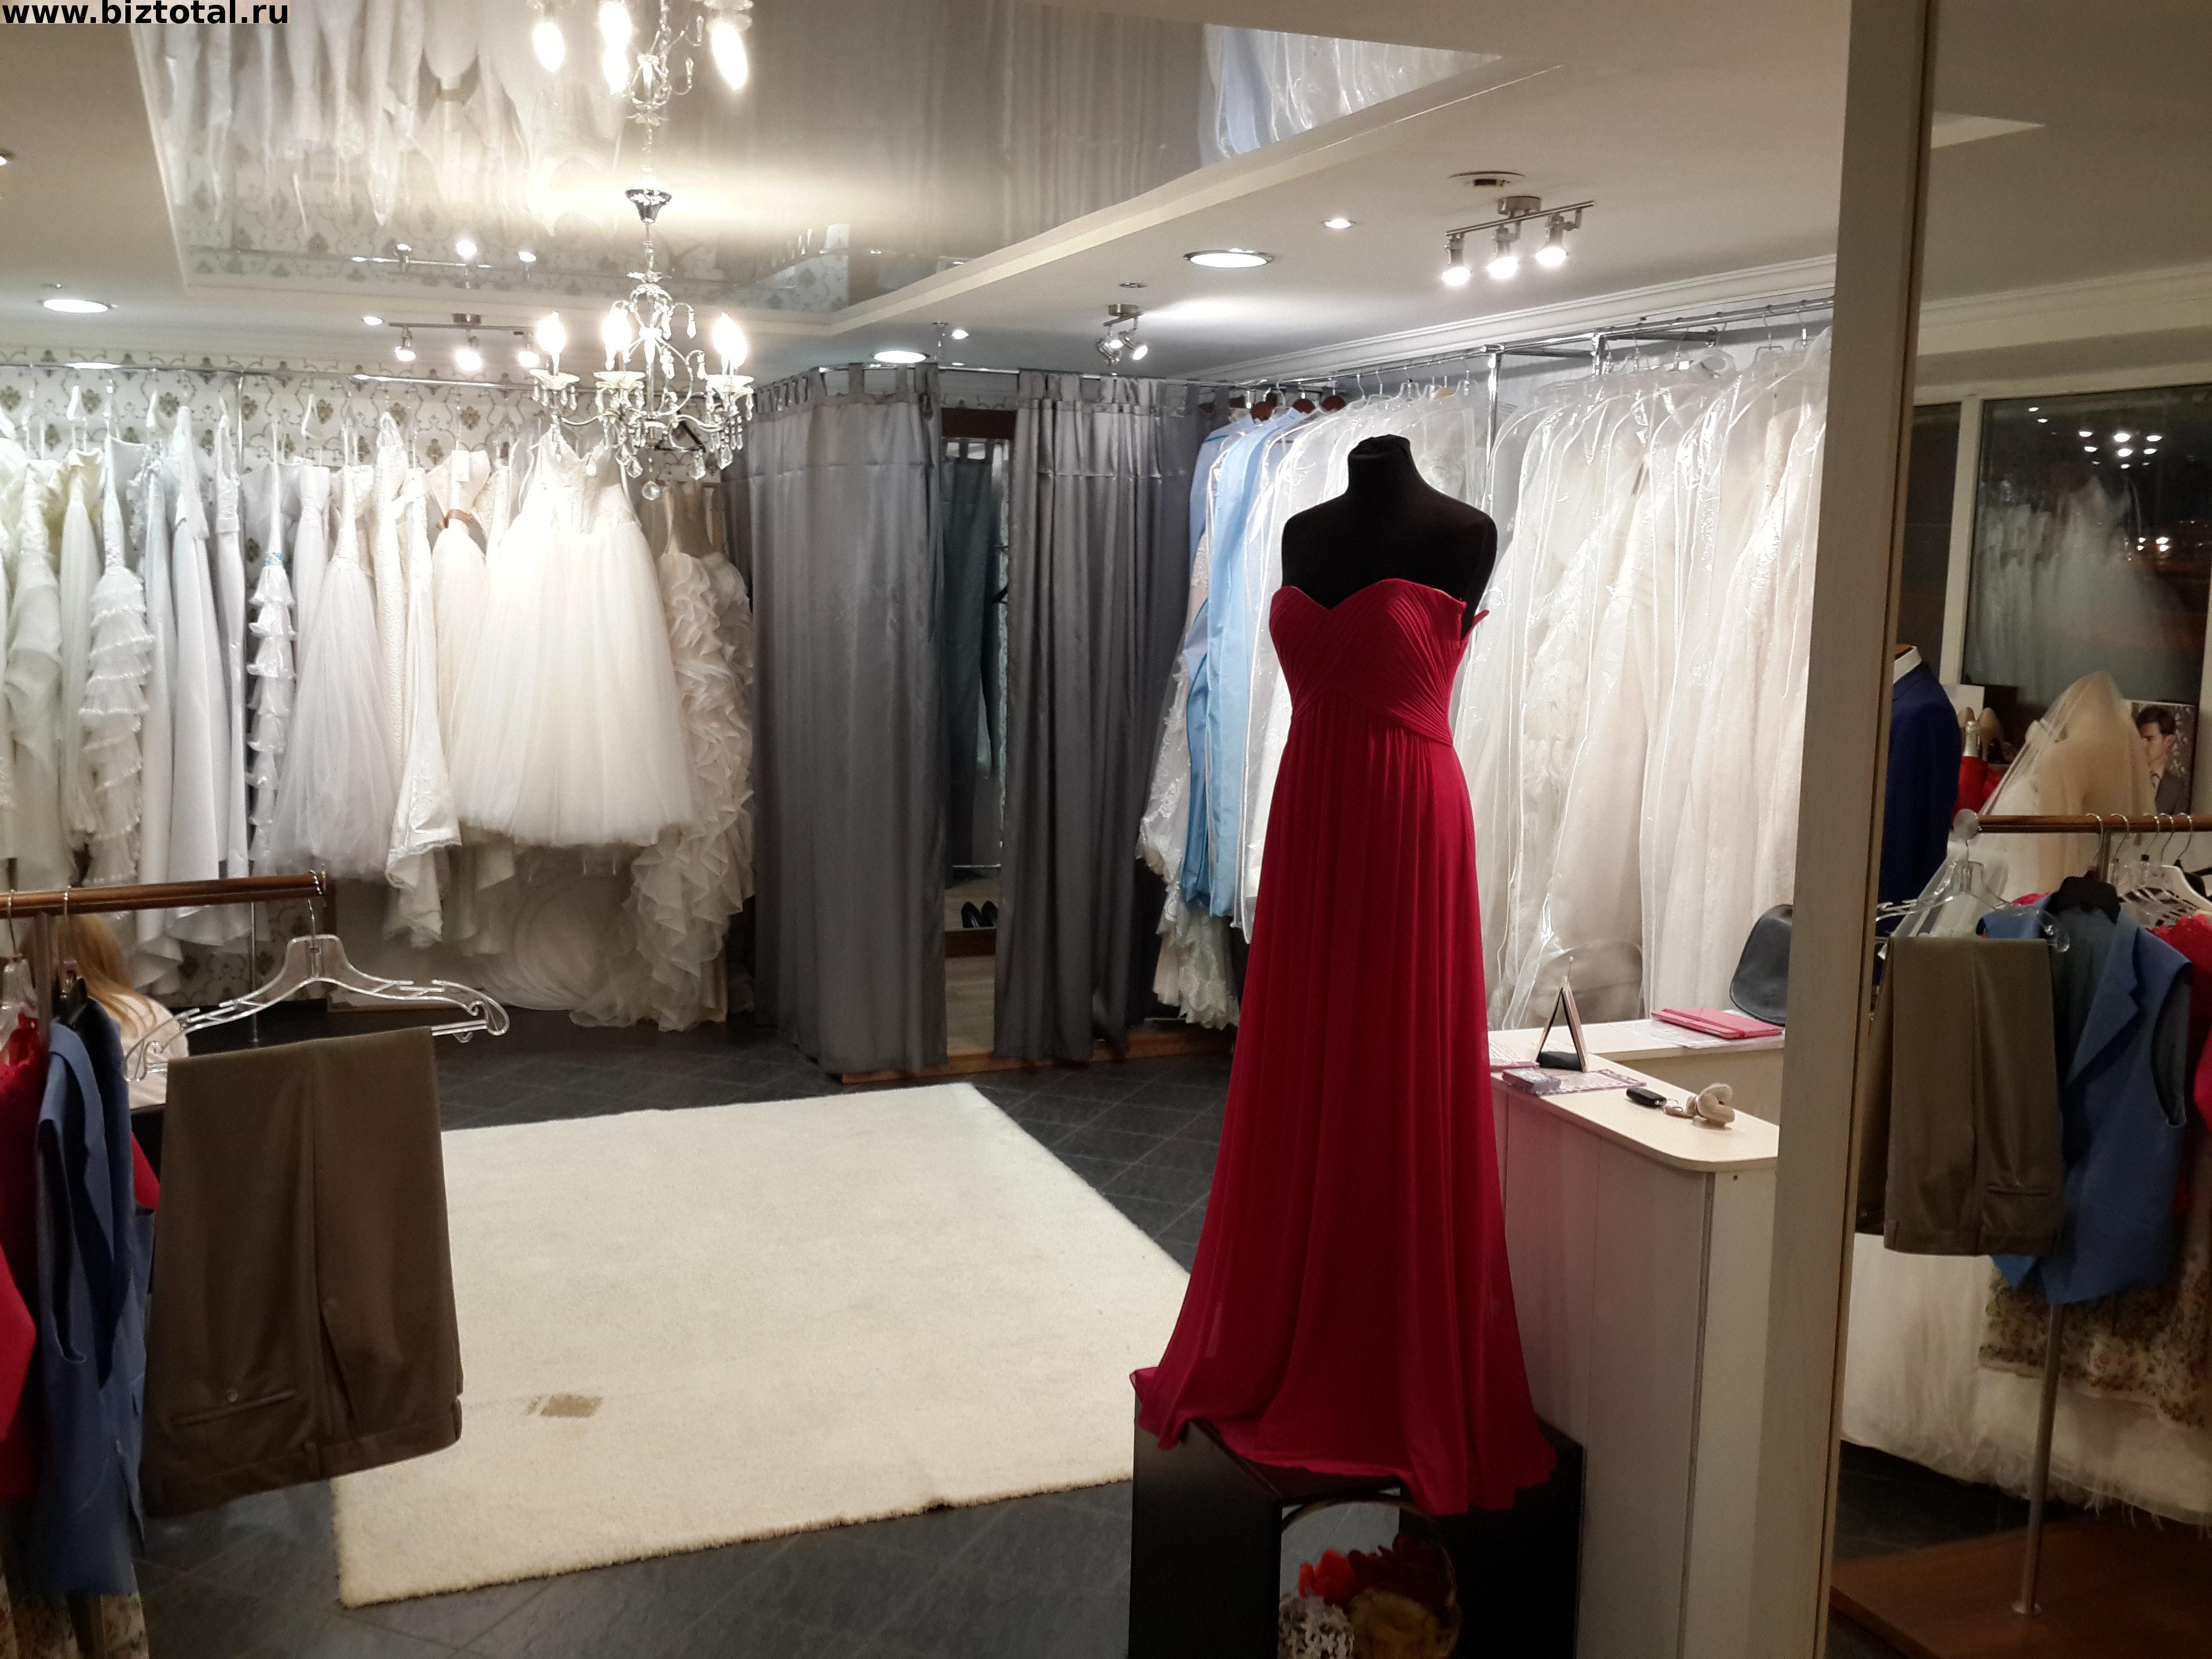 7d94d899434 Продажа бизнеса  Продается магазин свадебных и вечерних платьев в г ...